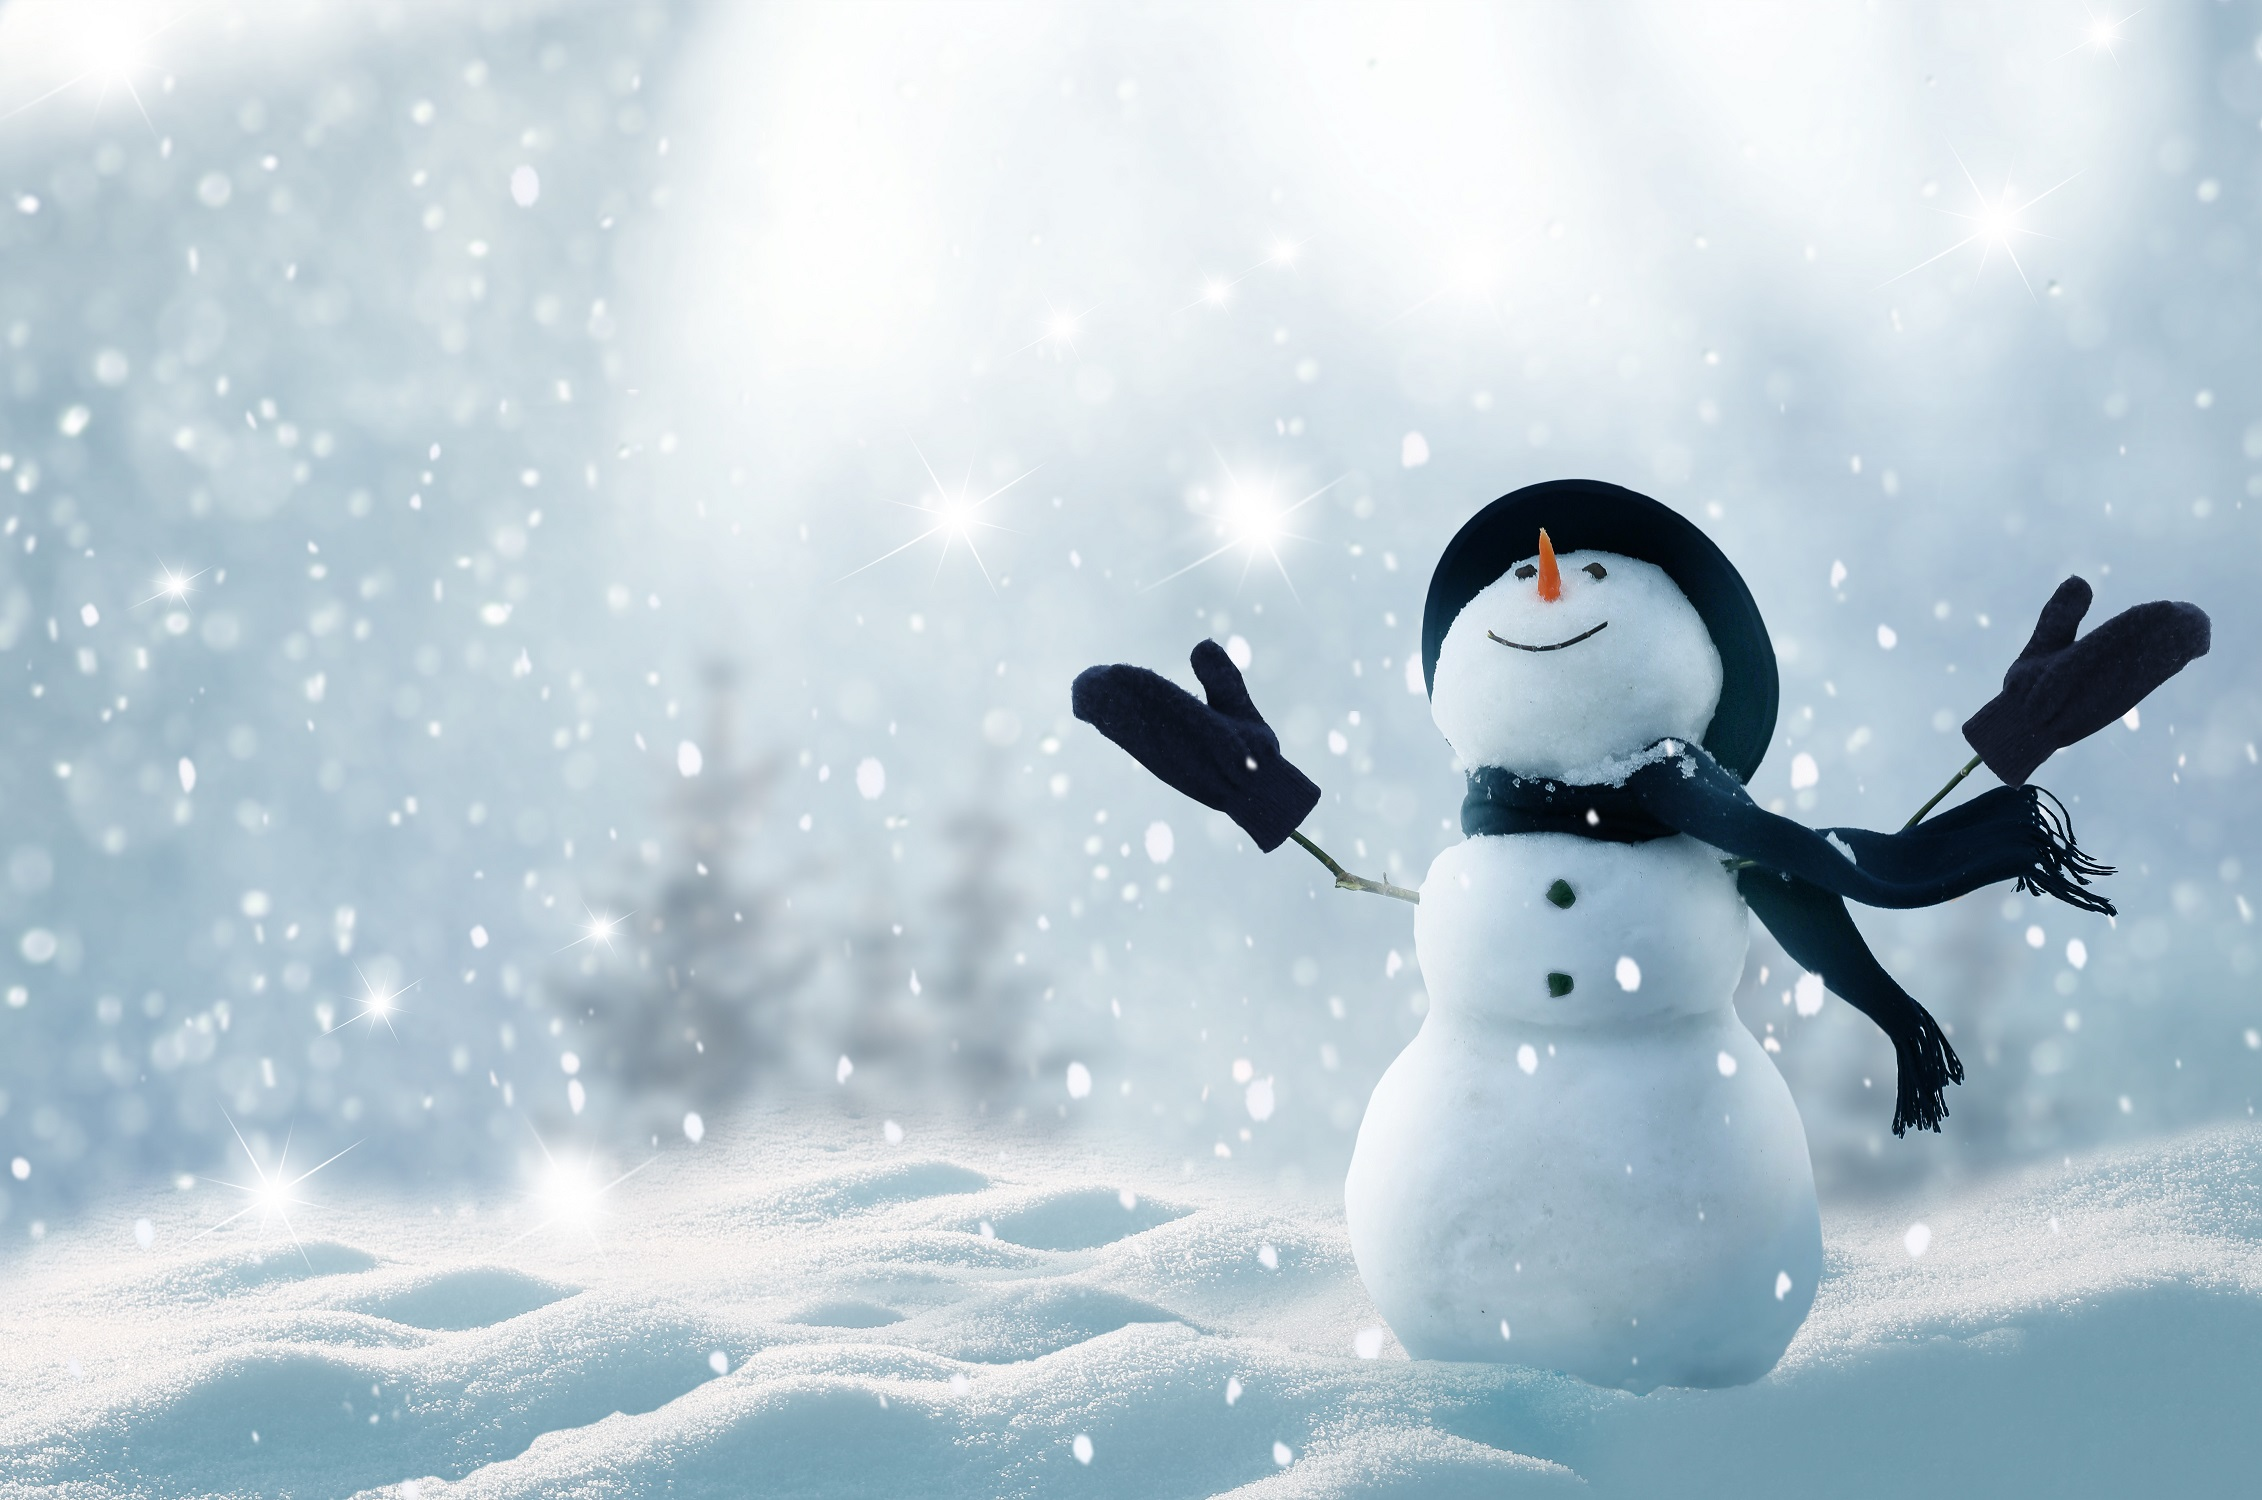 ちょっとくらいの雪や雨なら、傘はささない! その油断が女性の薄毛に?!